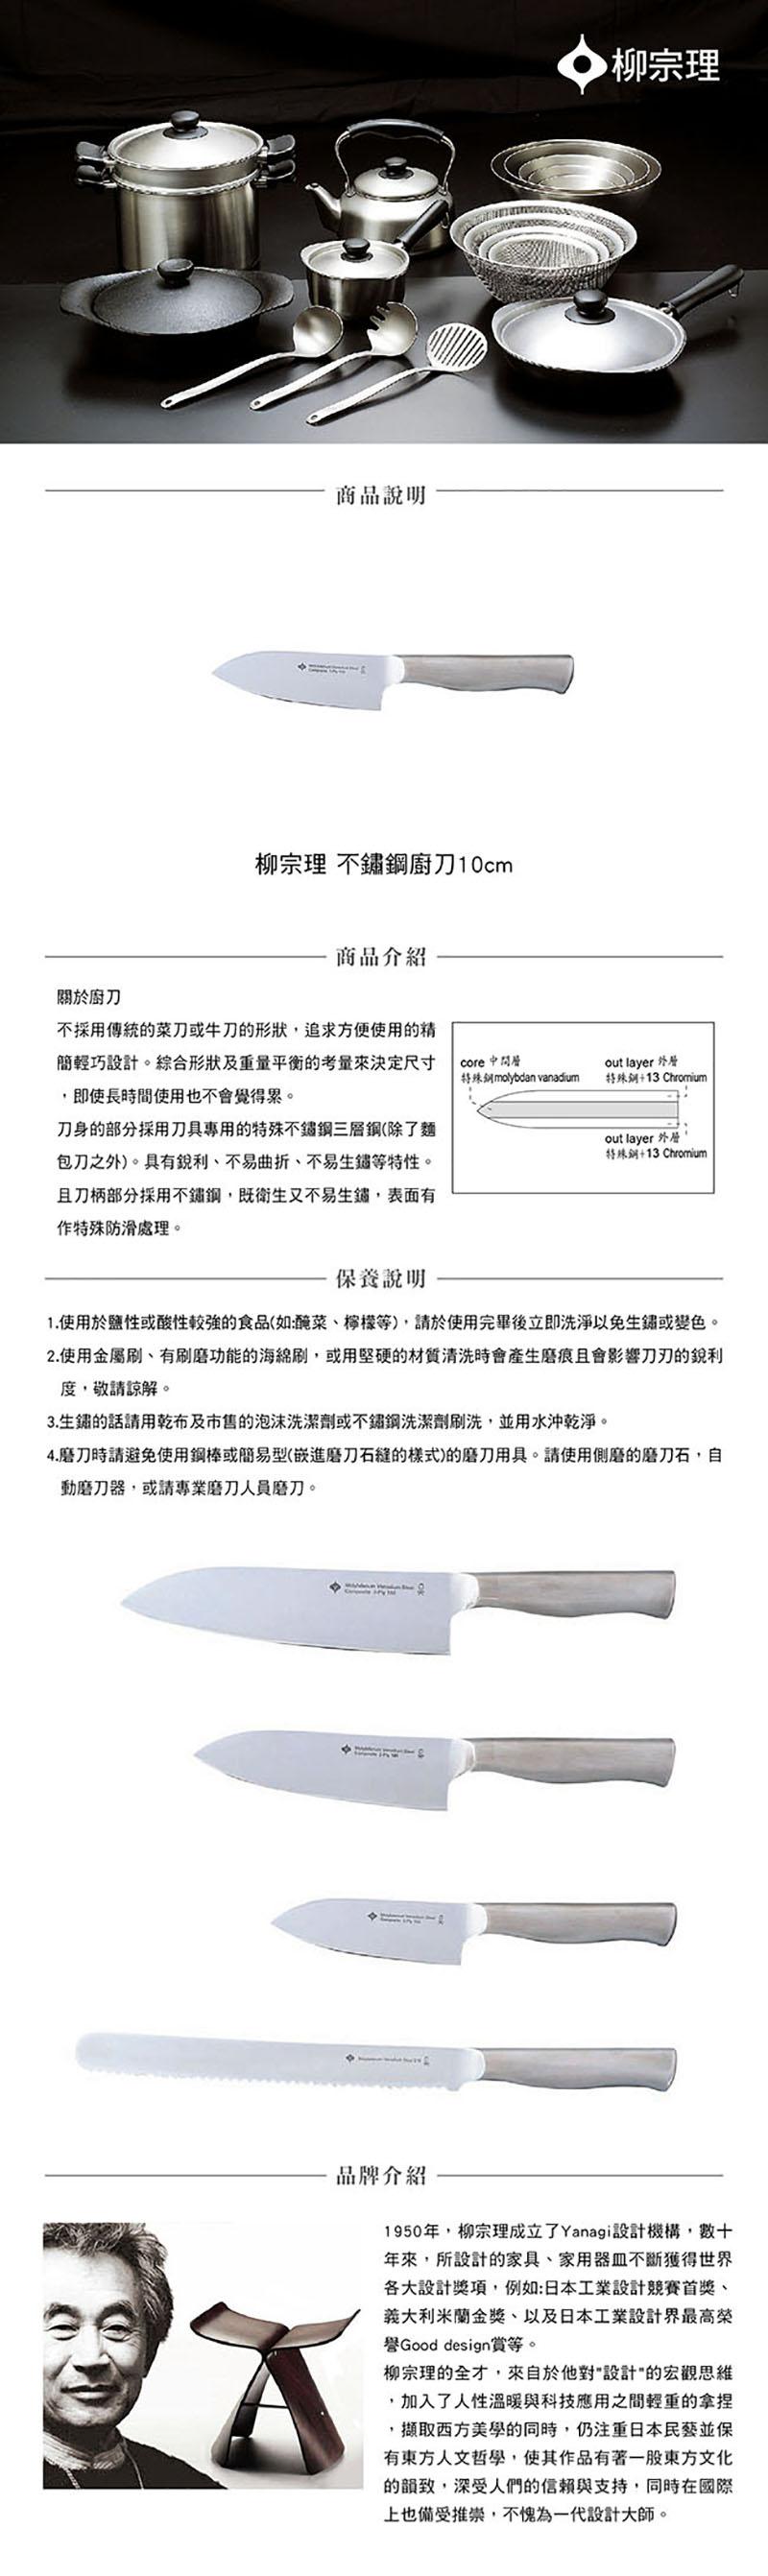 日本 柳宗理 不鏽鋼廚刀 10cm